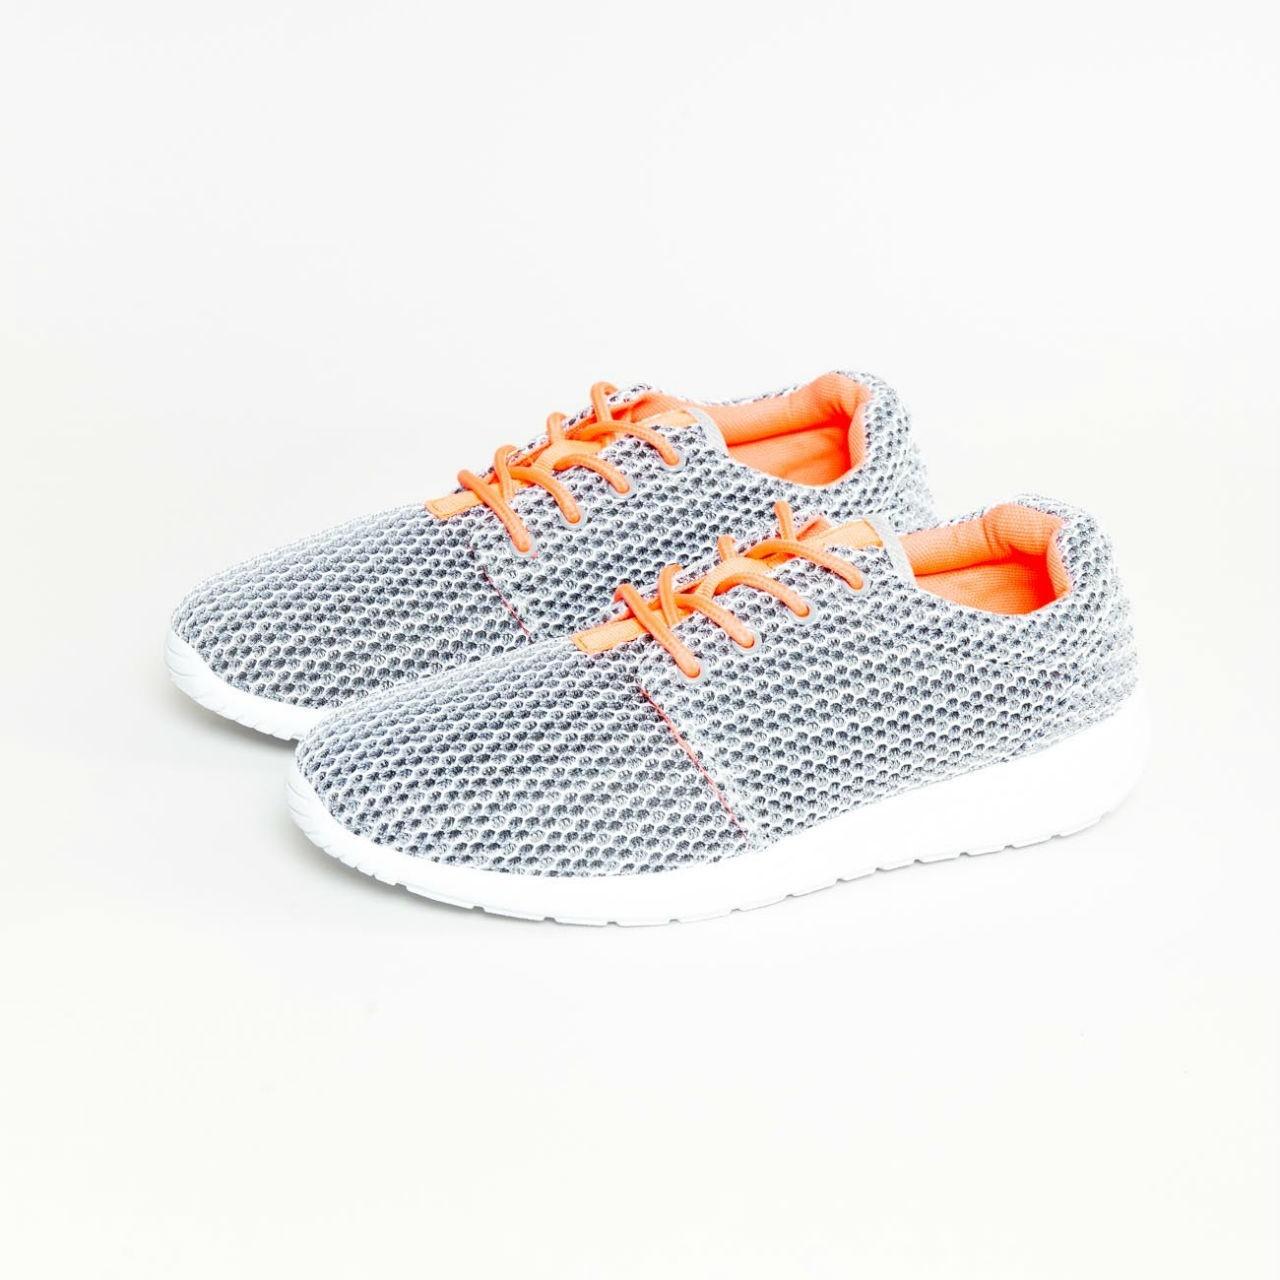 Šedé sportovní boty Shana - 36